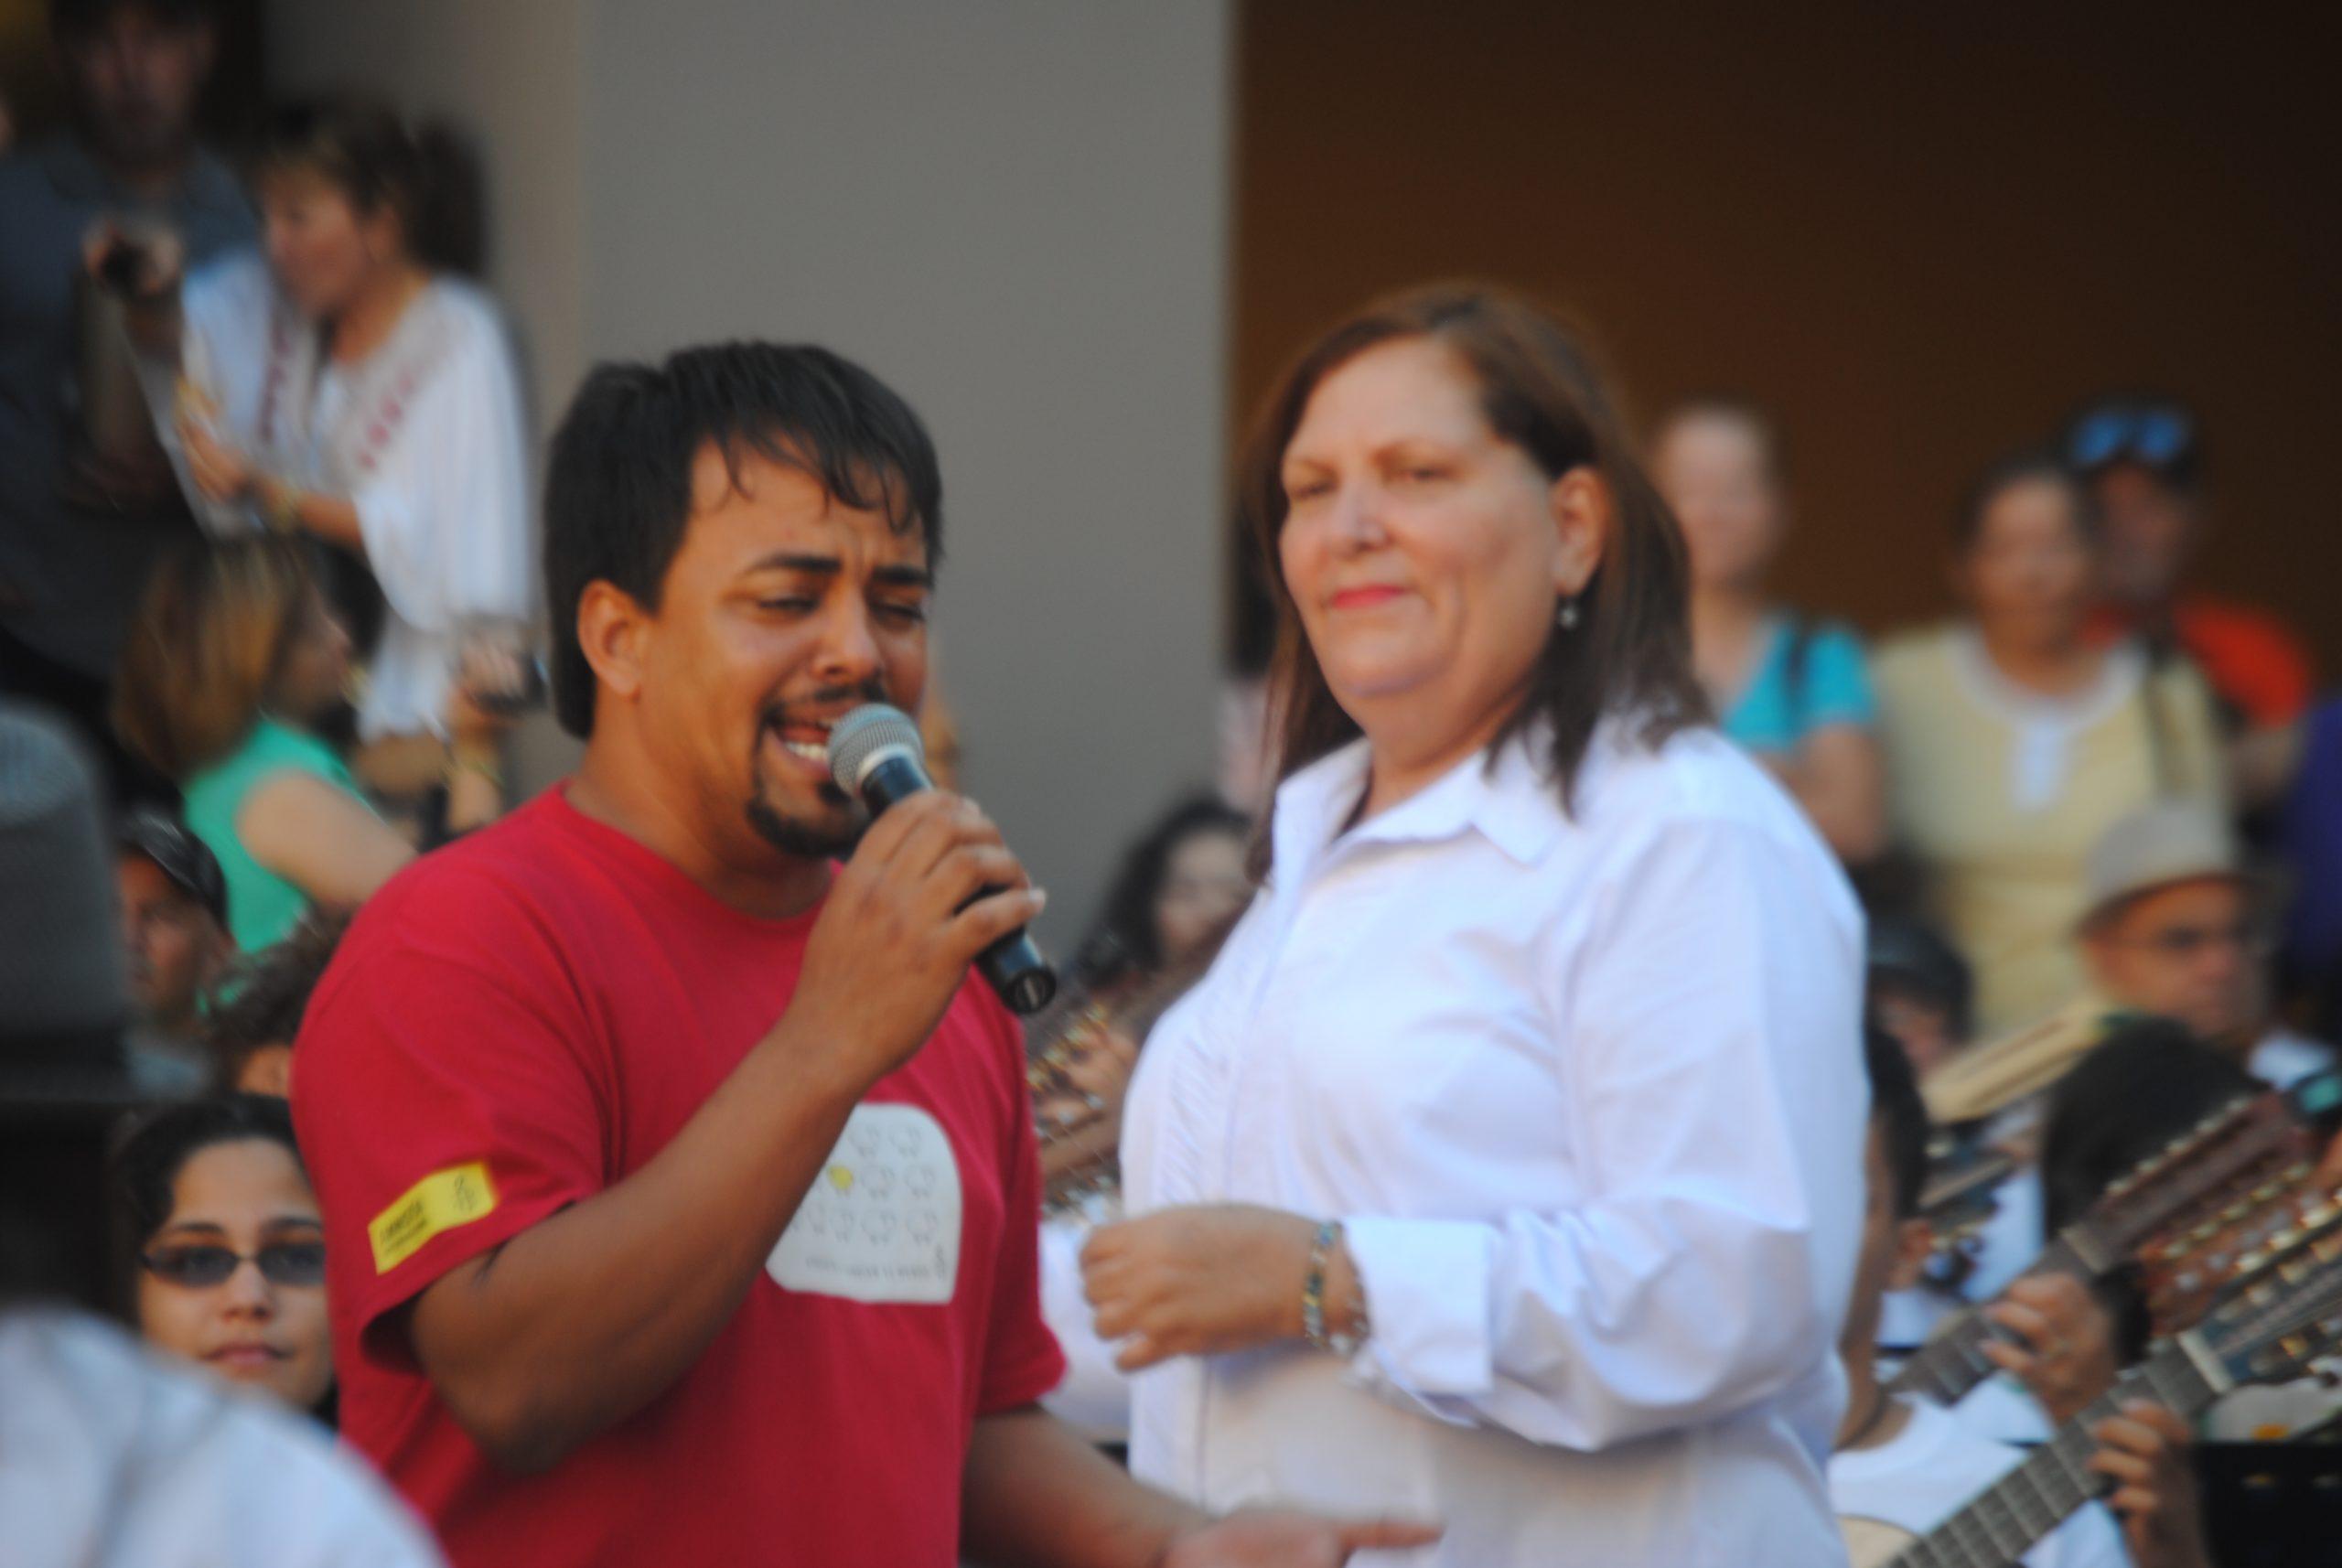 El trovador Guerson Baez junto a Myrna Pérez, directora de la Orquesta de Cuatros. (Foto Jaime Torres Torres para Fundación Nacional para la Cultura Popular)